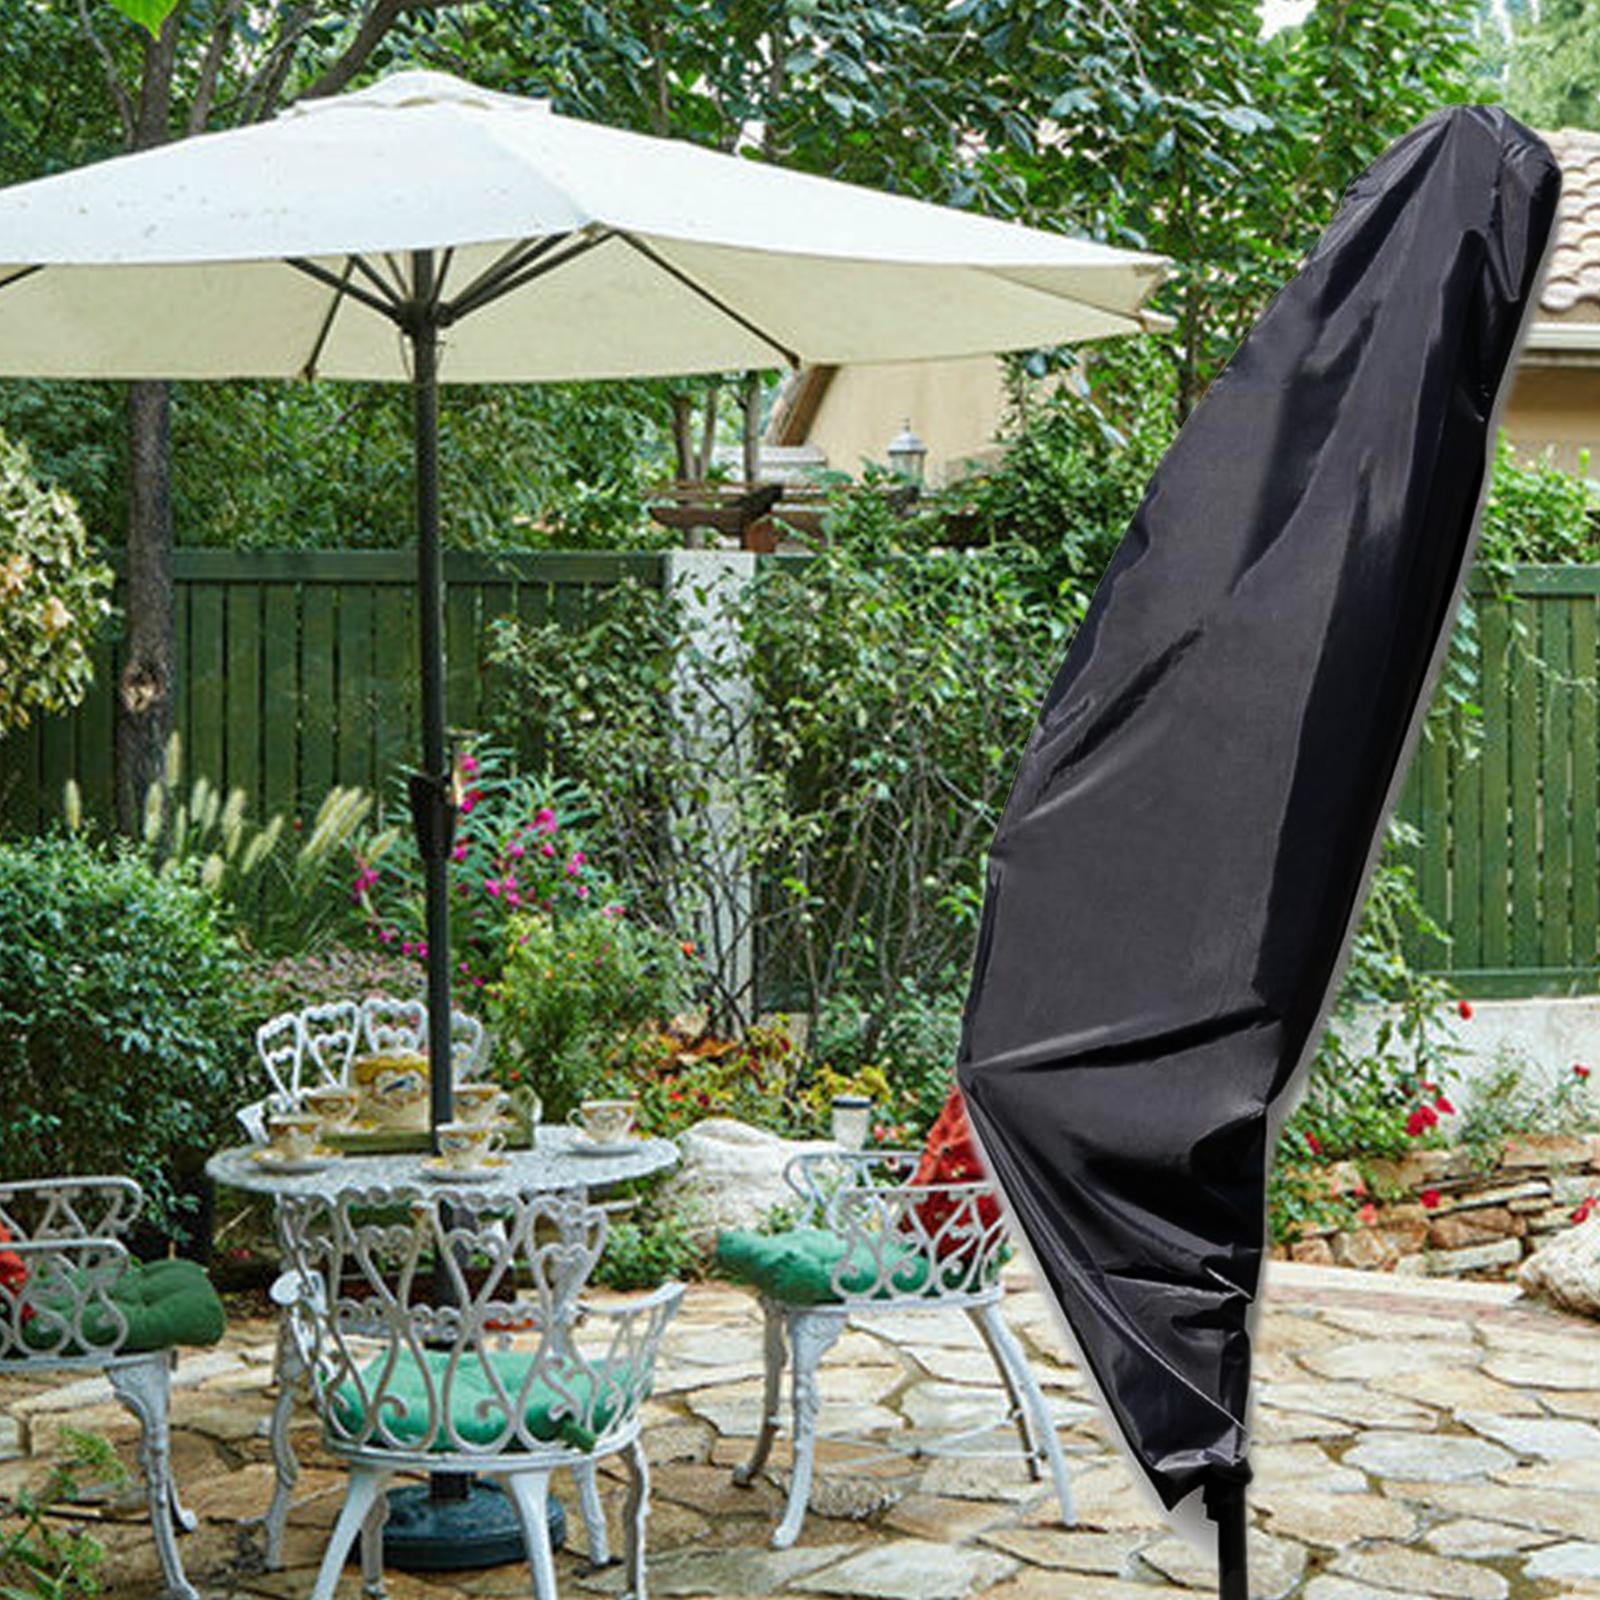 schwarz schutzh lle f r sonnenschirm ampelschirm h lle schirmh lle abdeckhaube ebay. Black Bedroom Furniture Sets. Home Design Ideas